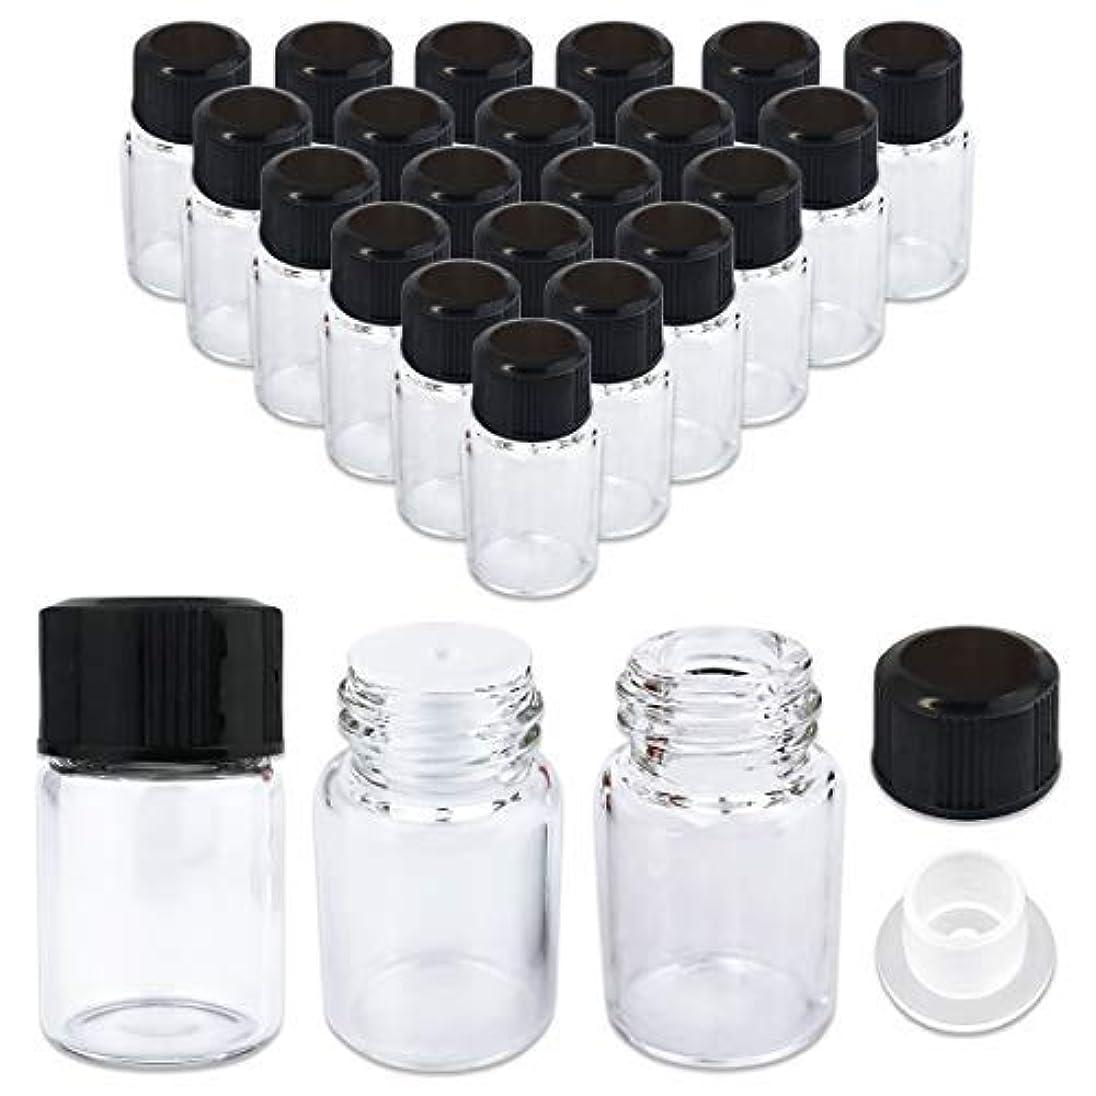 チラチラする排出バルセロナ24 Packs Beauticom 2ML Clear Glass Vial for Essential Oils, Aromatherapy, Fragrance, Serums, Spritzes, with Orifice Reducer and Dropper Top [並行輸入品]